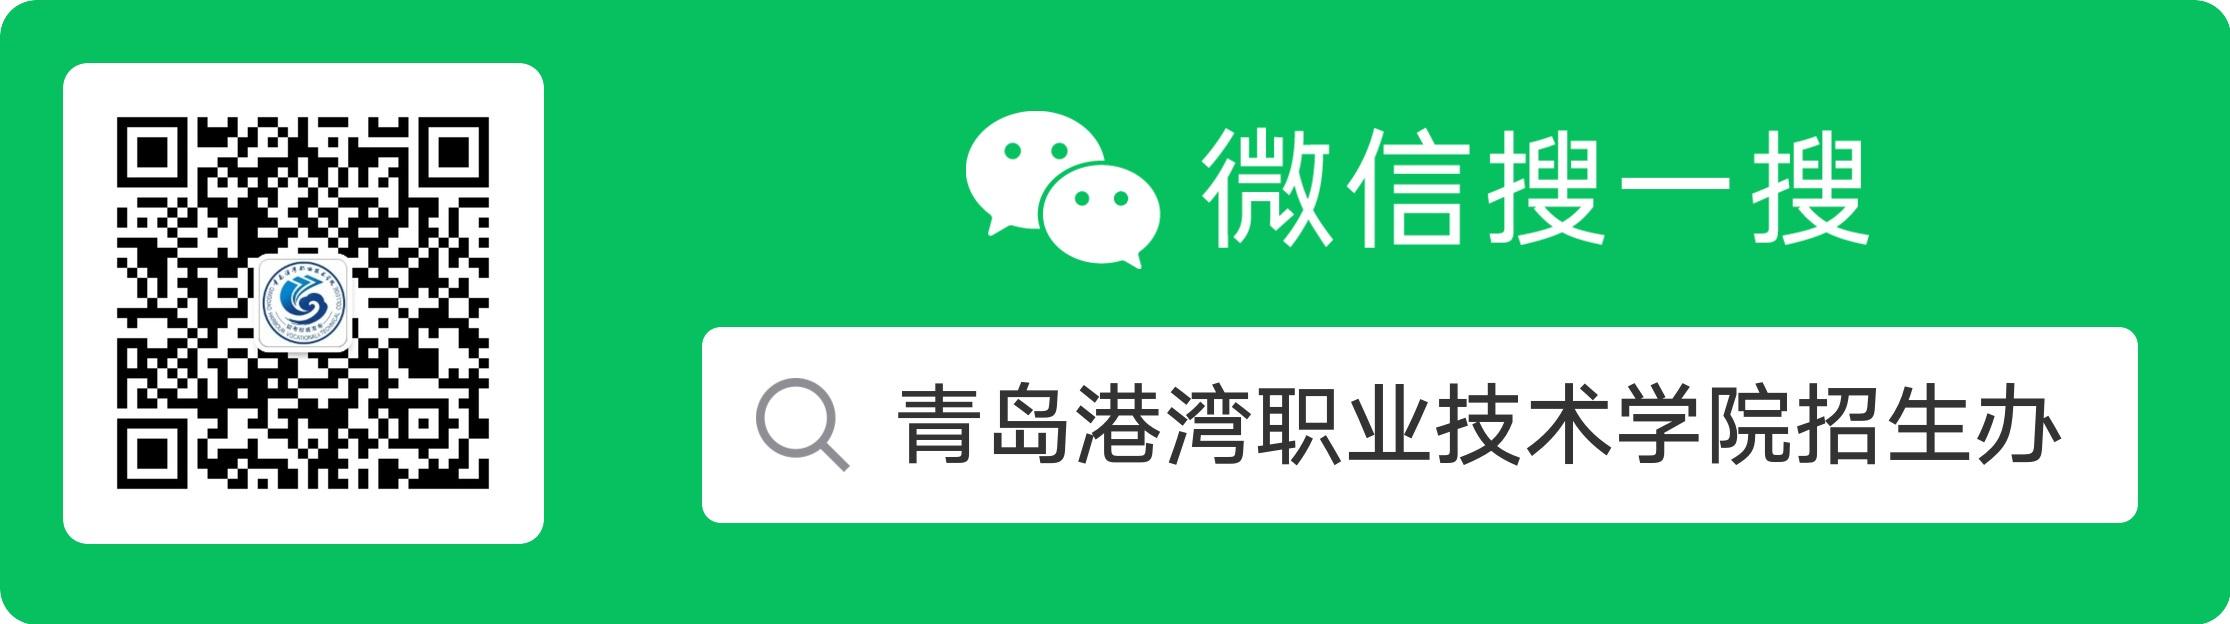 微信搜一搜+关注了解更多权威招考信息.jpg